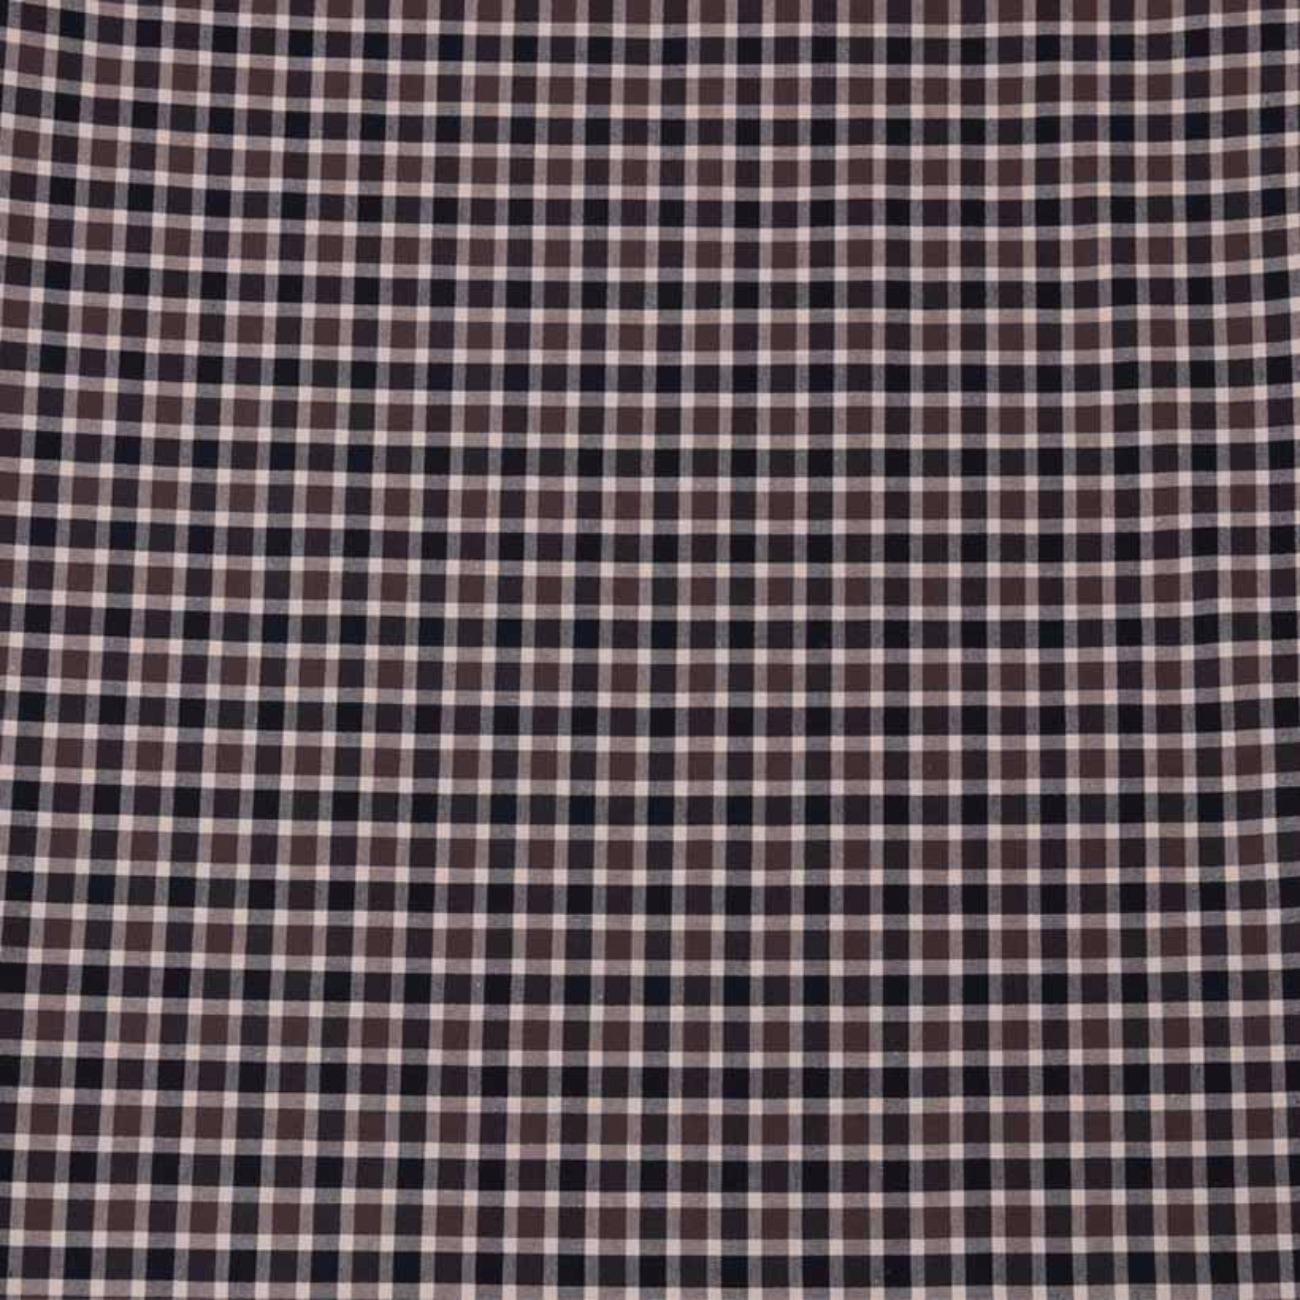 格子 色织 休闲时尚格 现货 梭织 低弹 衬衫 连衣裙 短裙 棉感 60929-8